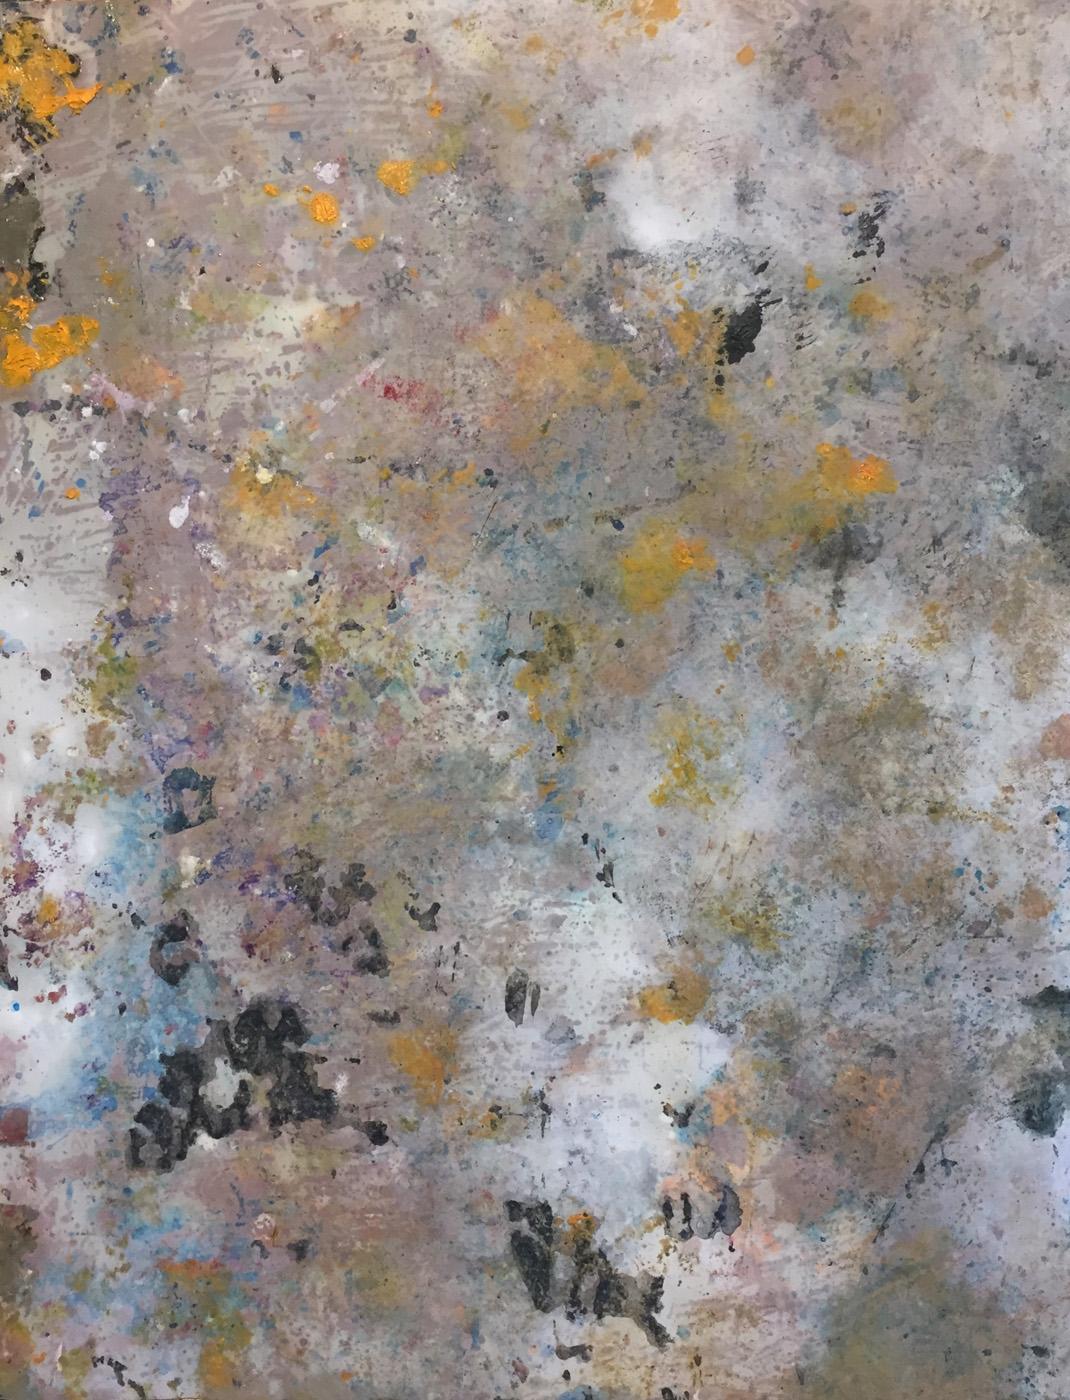 MARC FELD 2020 DISRUPTIE Huile et acrylique sur papier 50 x 65 cm